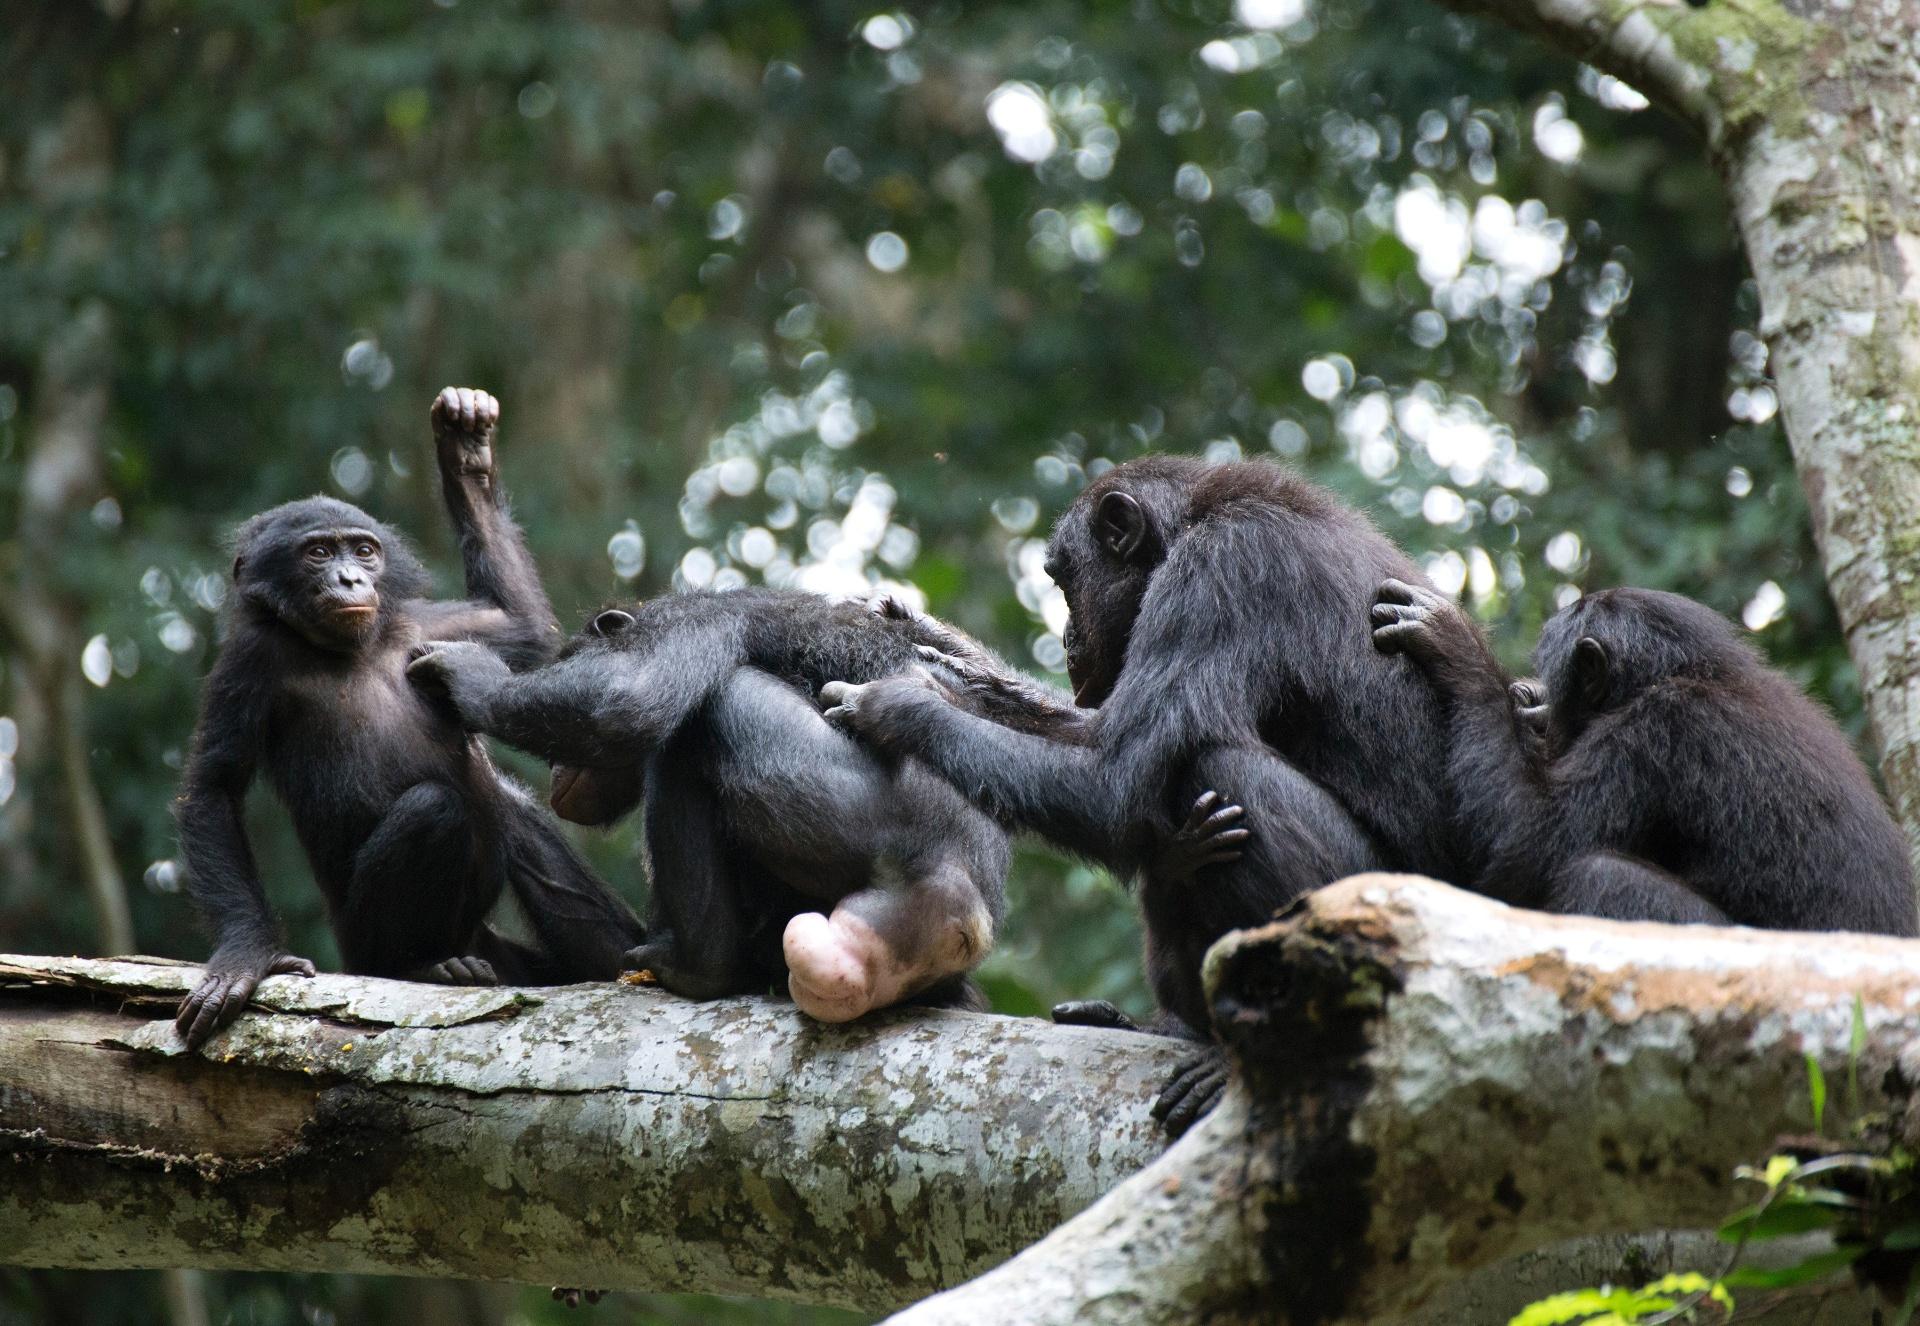 Grupo de bonobos fêmea se une contra agressão de machos em reserva na floresta Wamba, na República Democrática do Congo